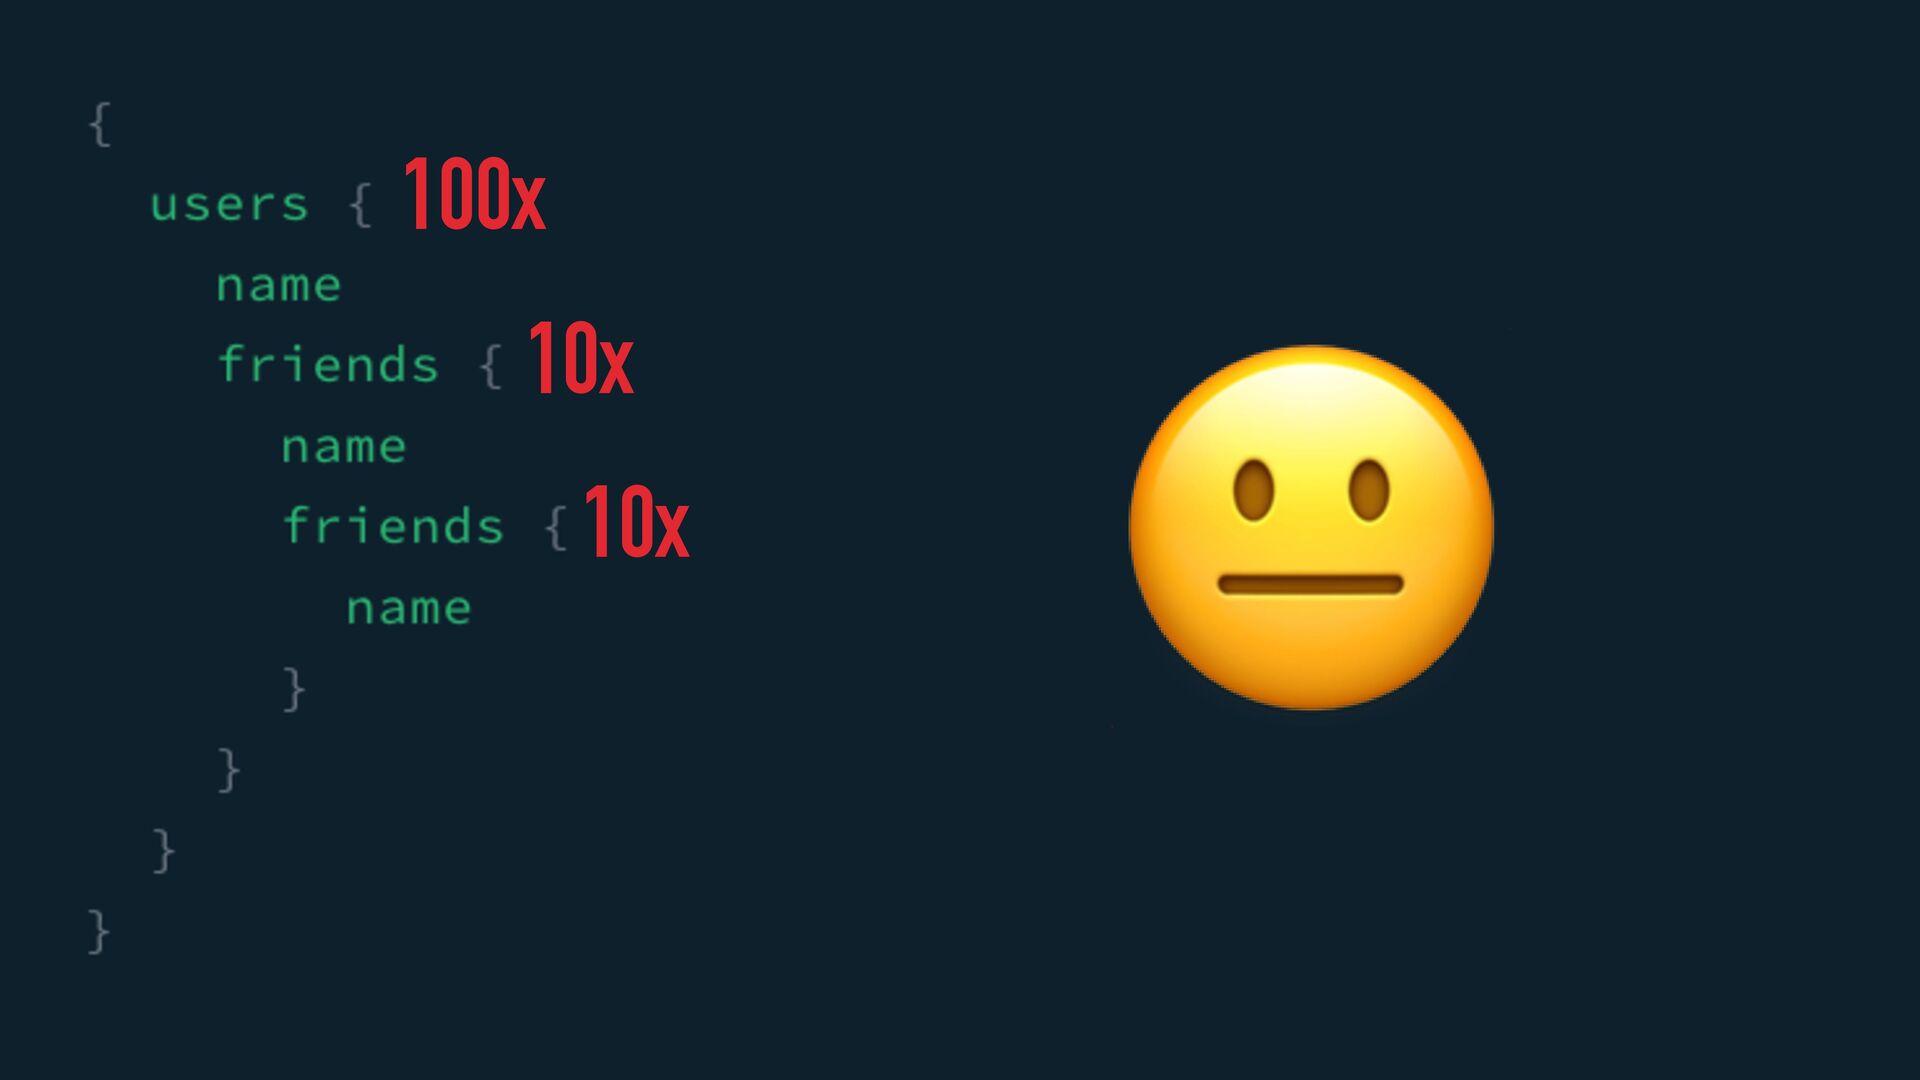 DOSTAJEMY 10 000 ELEMENTÓW 100x 10x 10x 😐